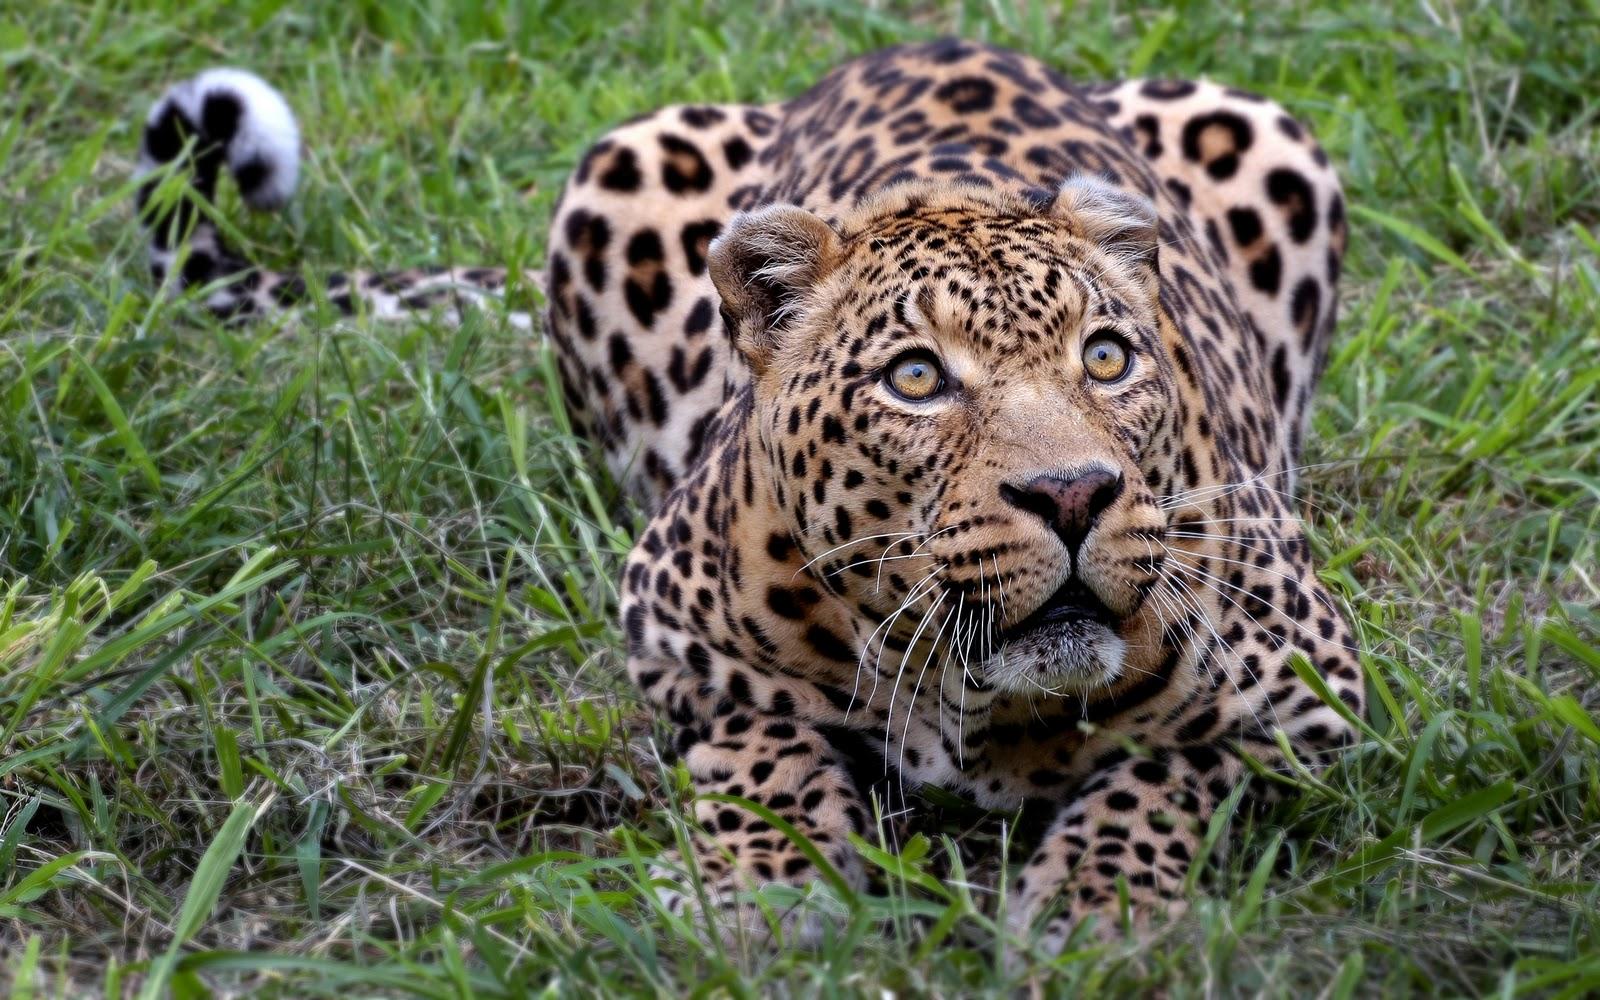 http://2.bp.blogspot.com/-wmA-G-Lsg9Y/TqvYV1GOsOI/AAAAAAAAABI/RNrcchvOigk/s1600/nature+TheWallpaperDB.blogspot.com+_+%252836%2529.jpg